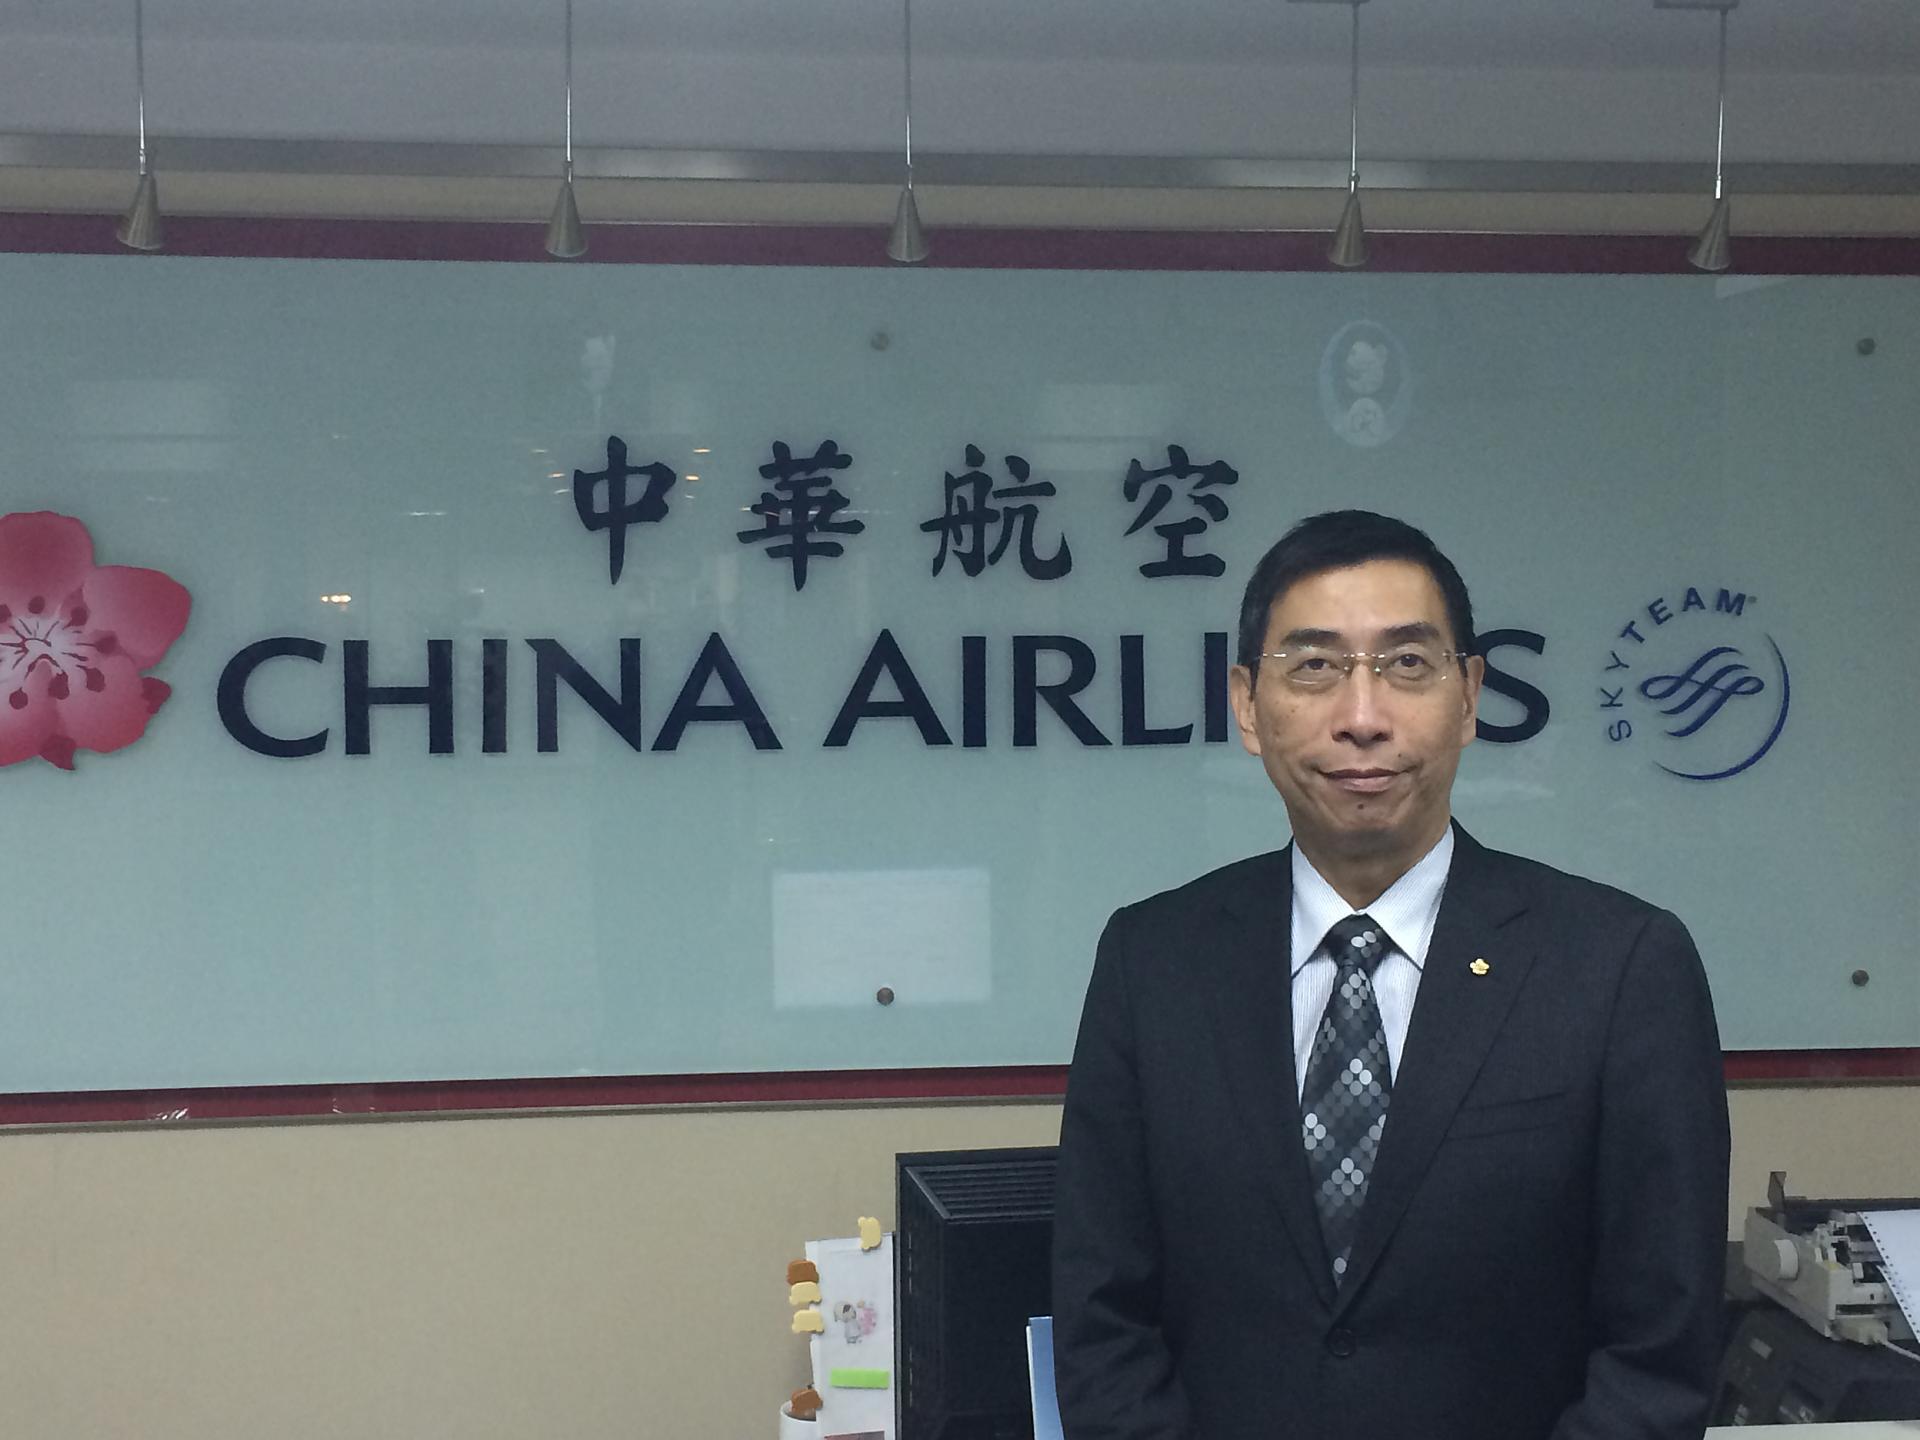 華航大陸地區首席代表彭榮敏校友 用心感動旅客 讓旅行不只是旅行